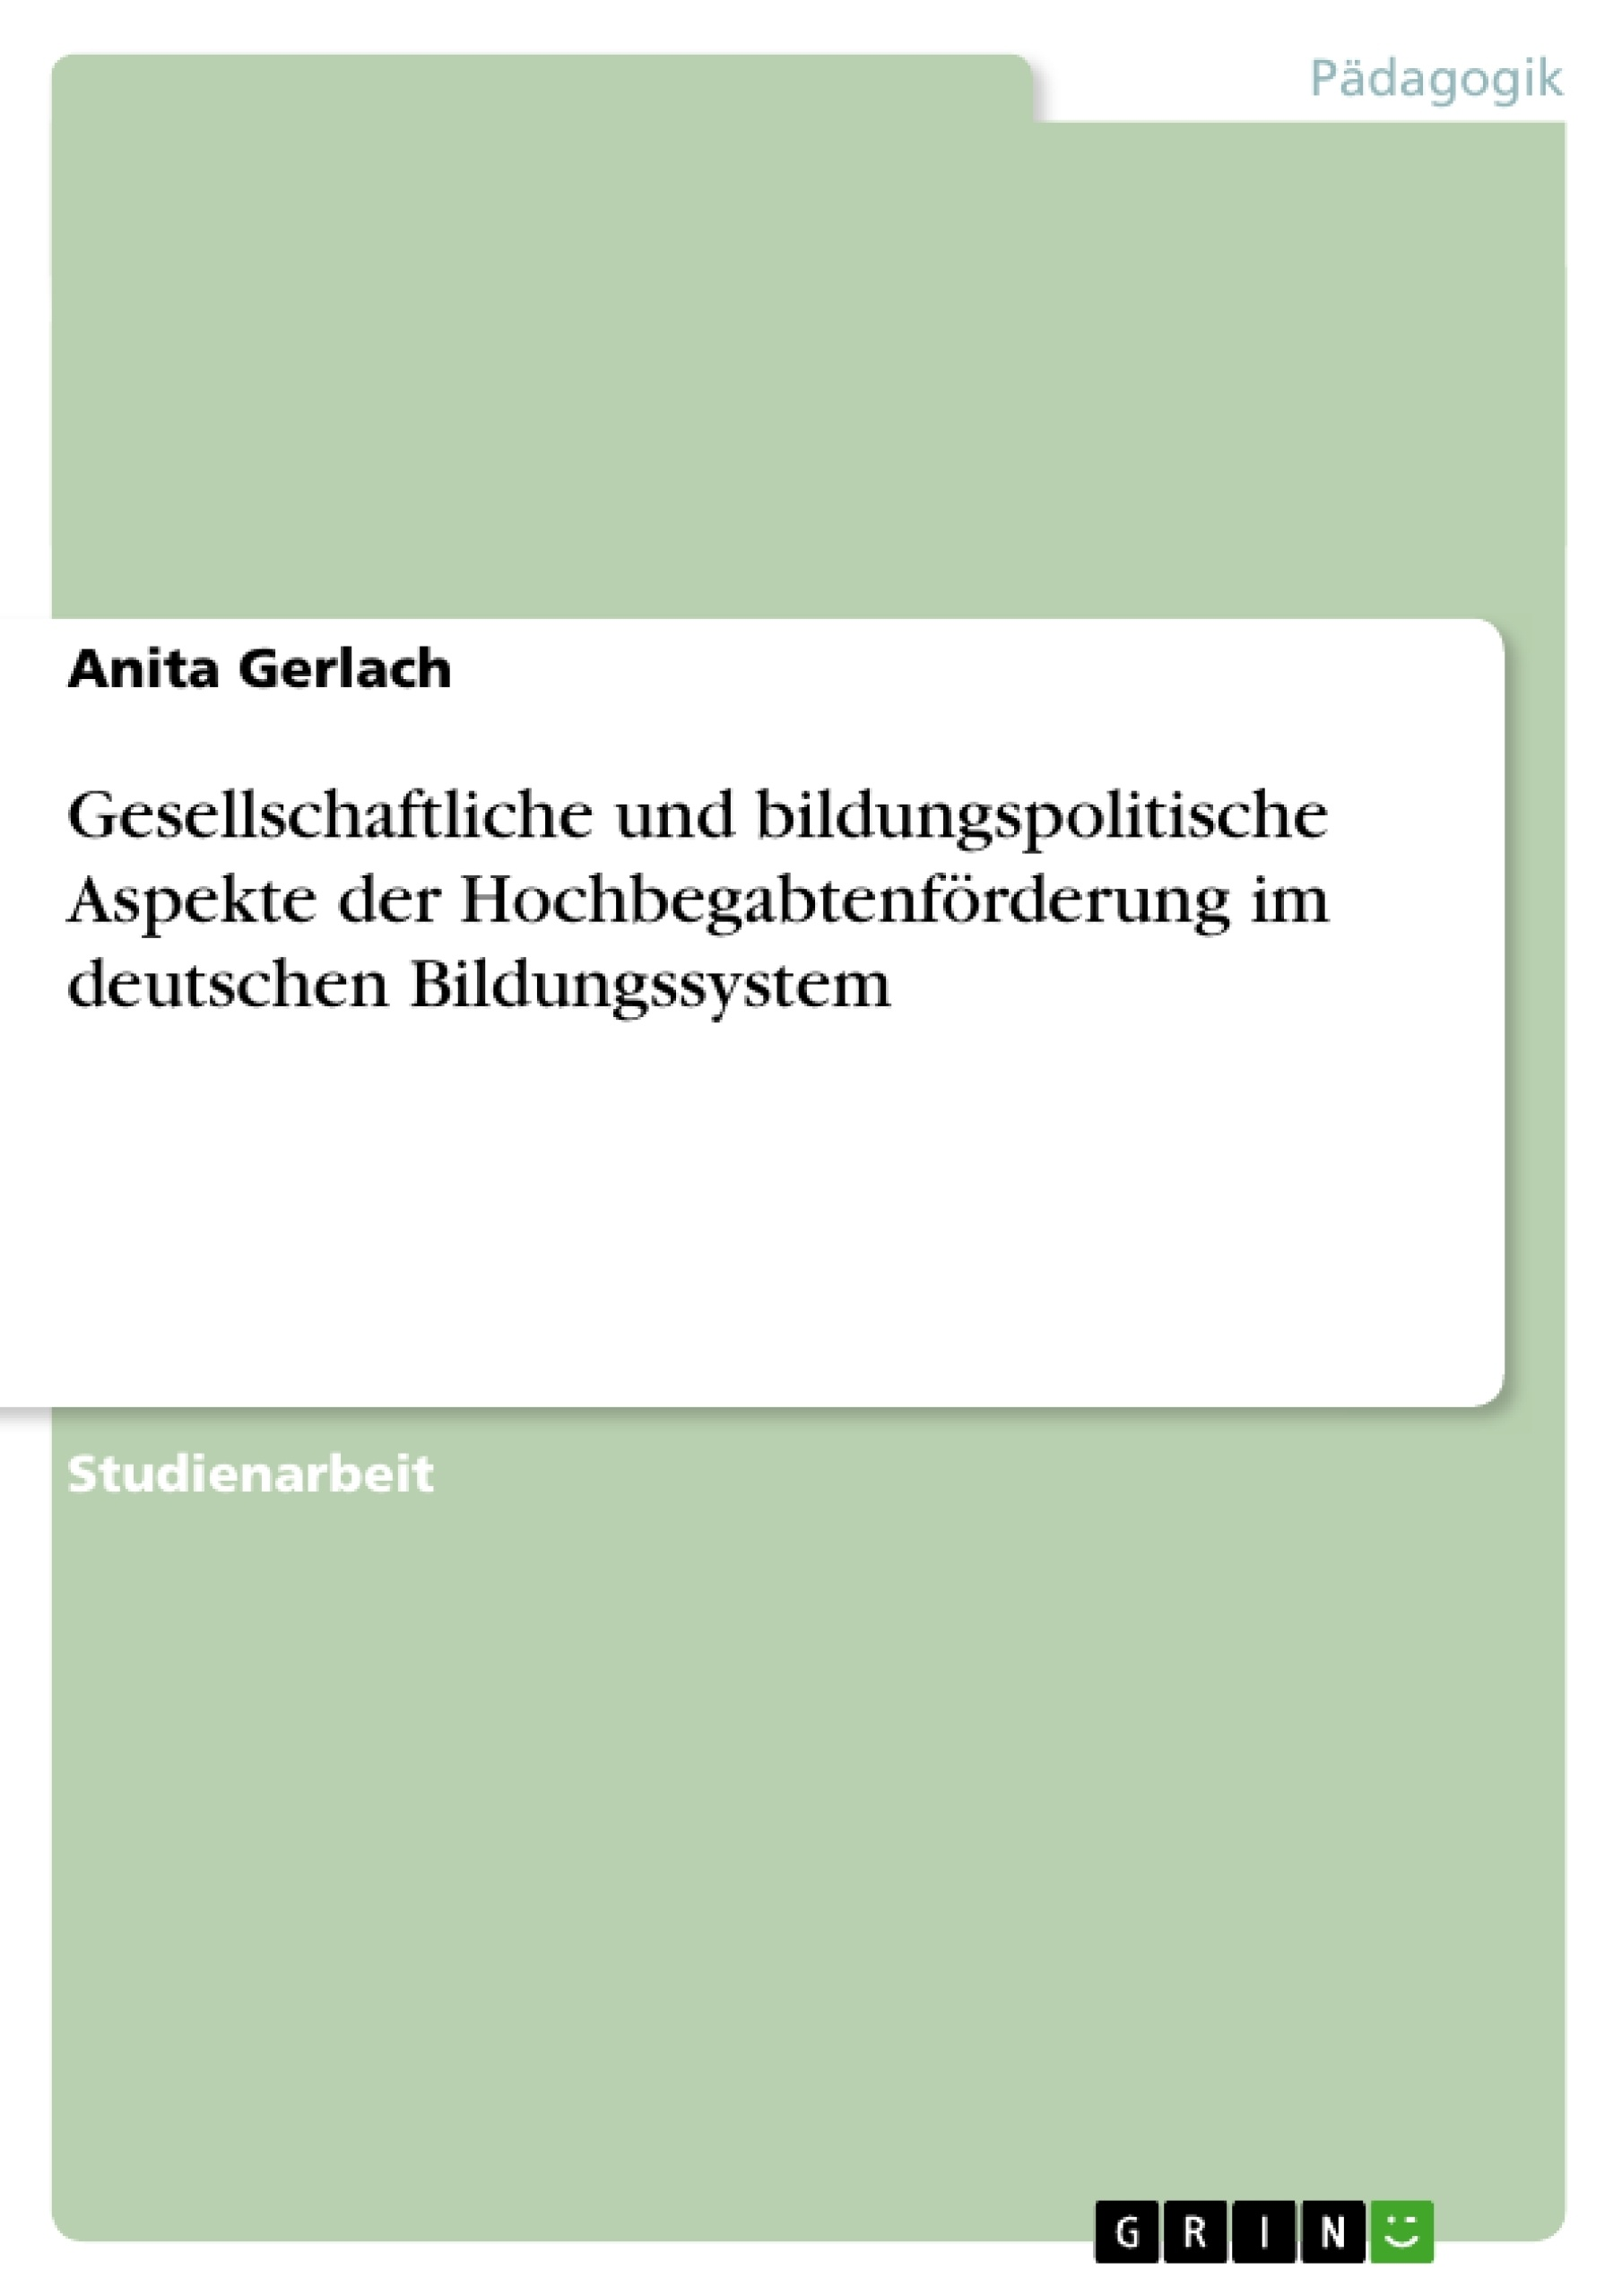 Titel: Gesellschaftliche und bildungspolitische Aspekte der Hochbegabtenförderung im deutschen Bildungssystem